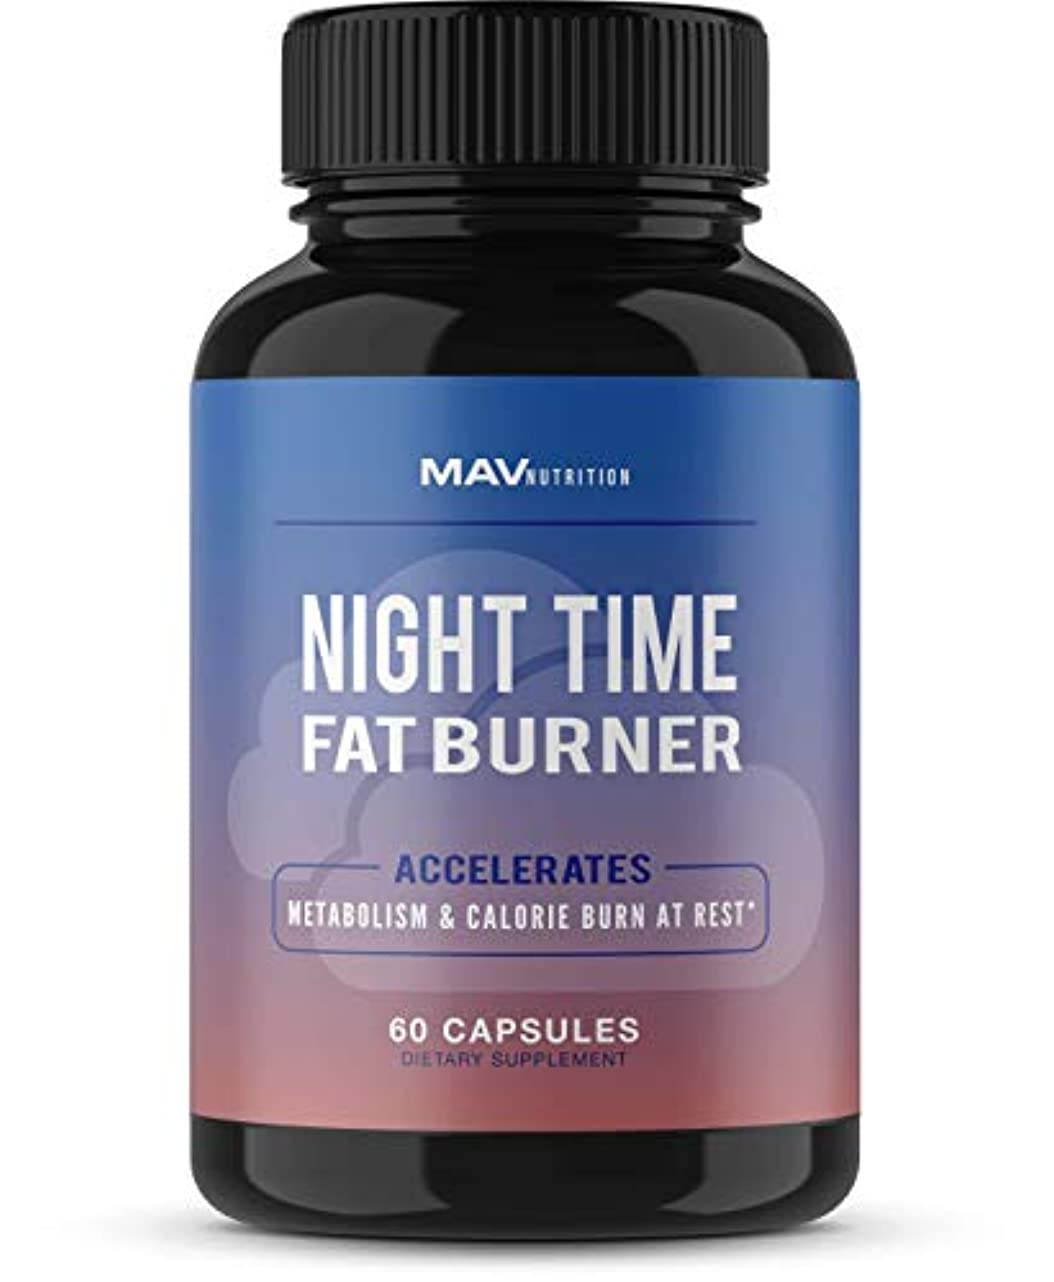 アームストロングフィットヒューズMAV Nutrition Night Time Fat Burner 寝ながら脂肪燃焼 ダイエット サプリ 60粒 [海外直送品]